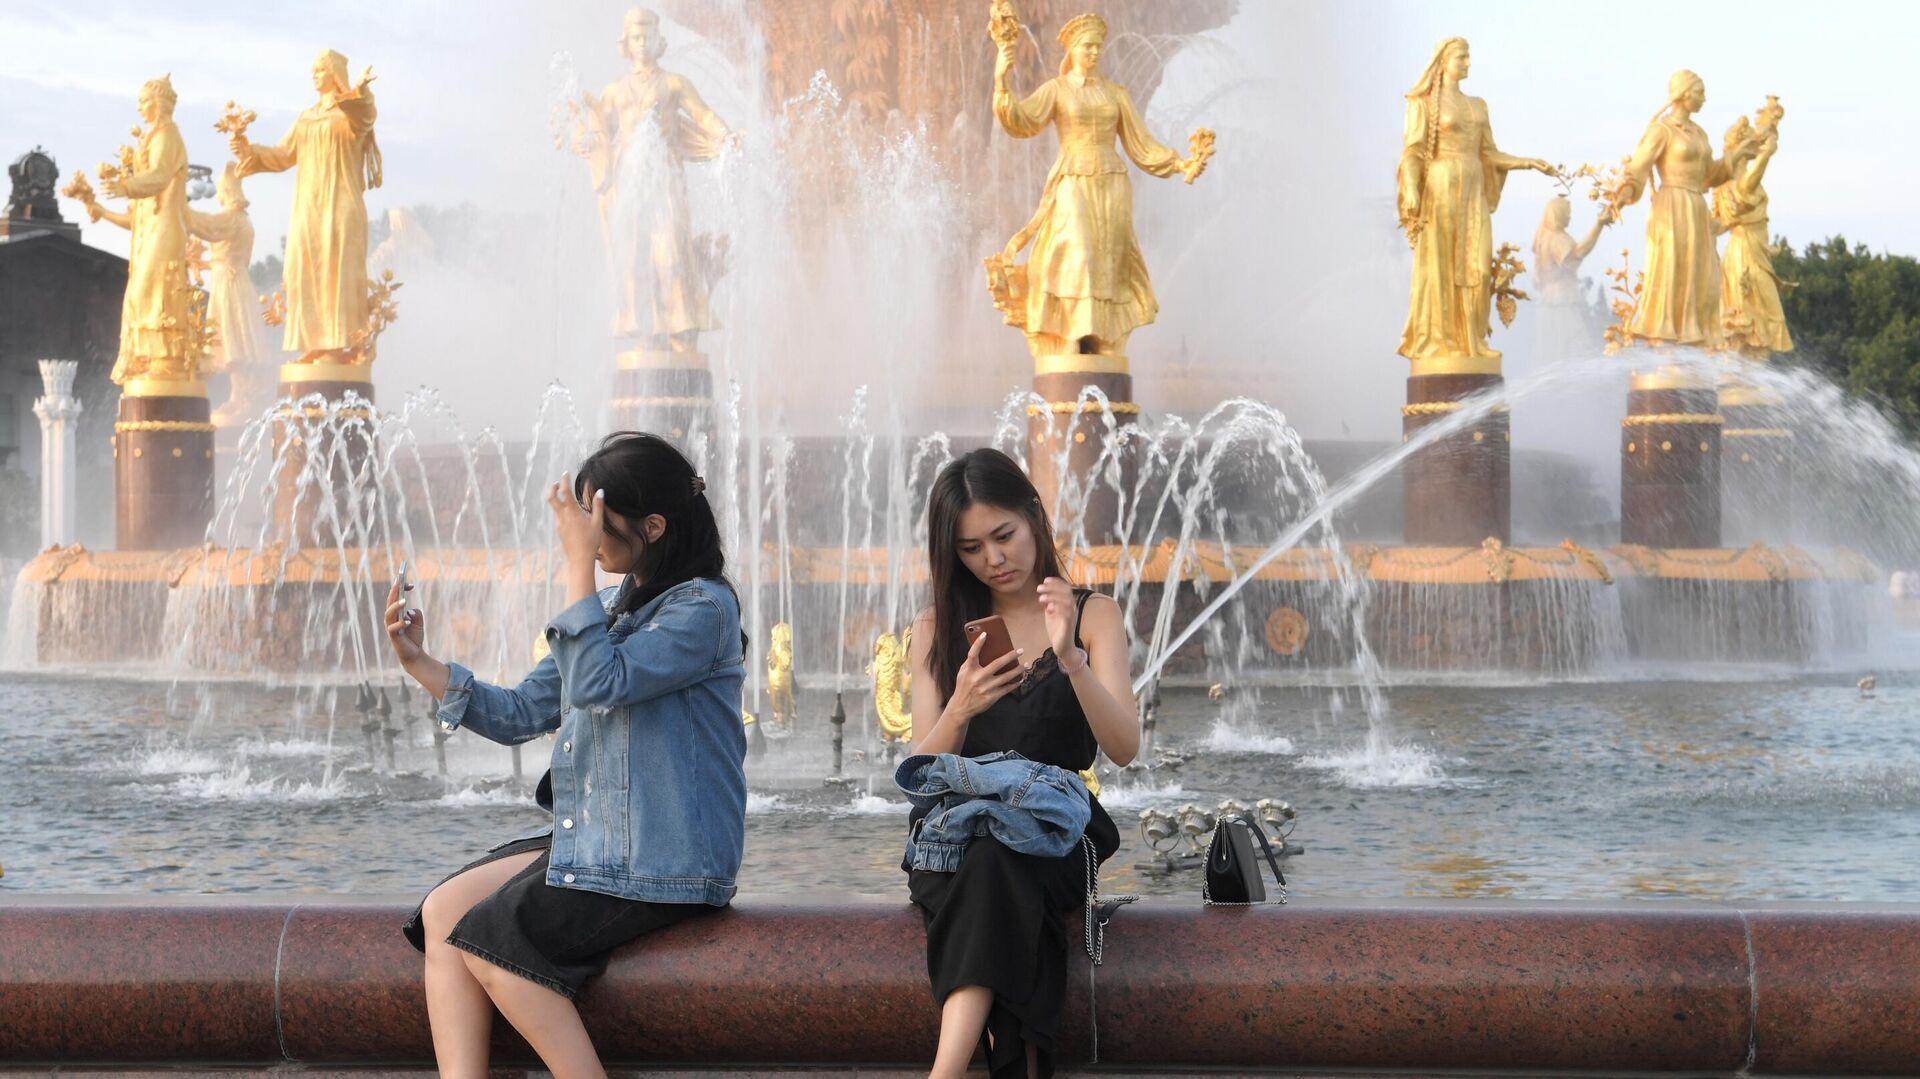 Девушки возле фонтана Дружба народов на ВДНХ  - РИА Новости, 1920, 26.08.2020